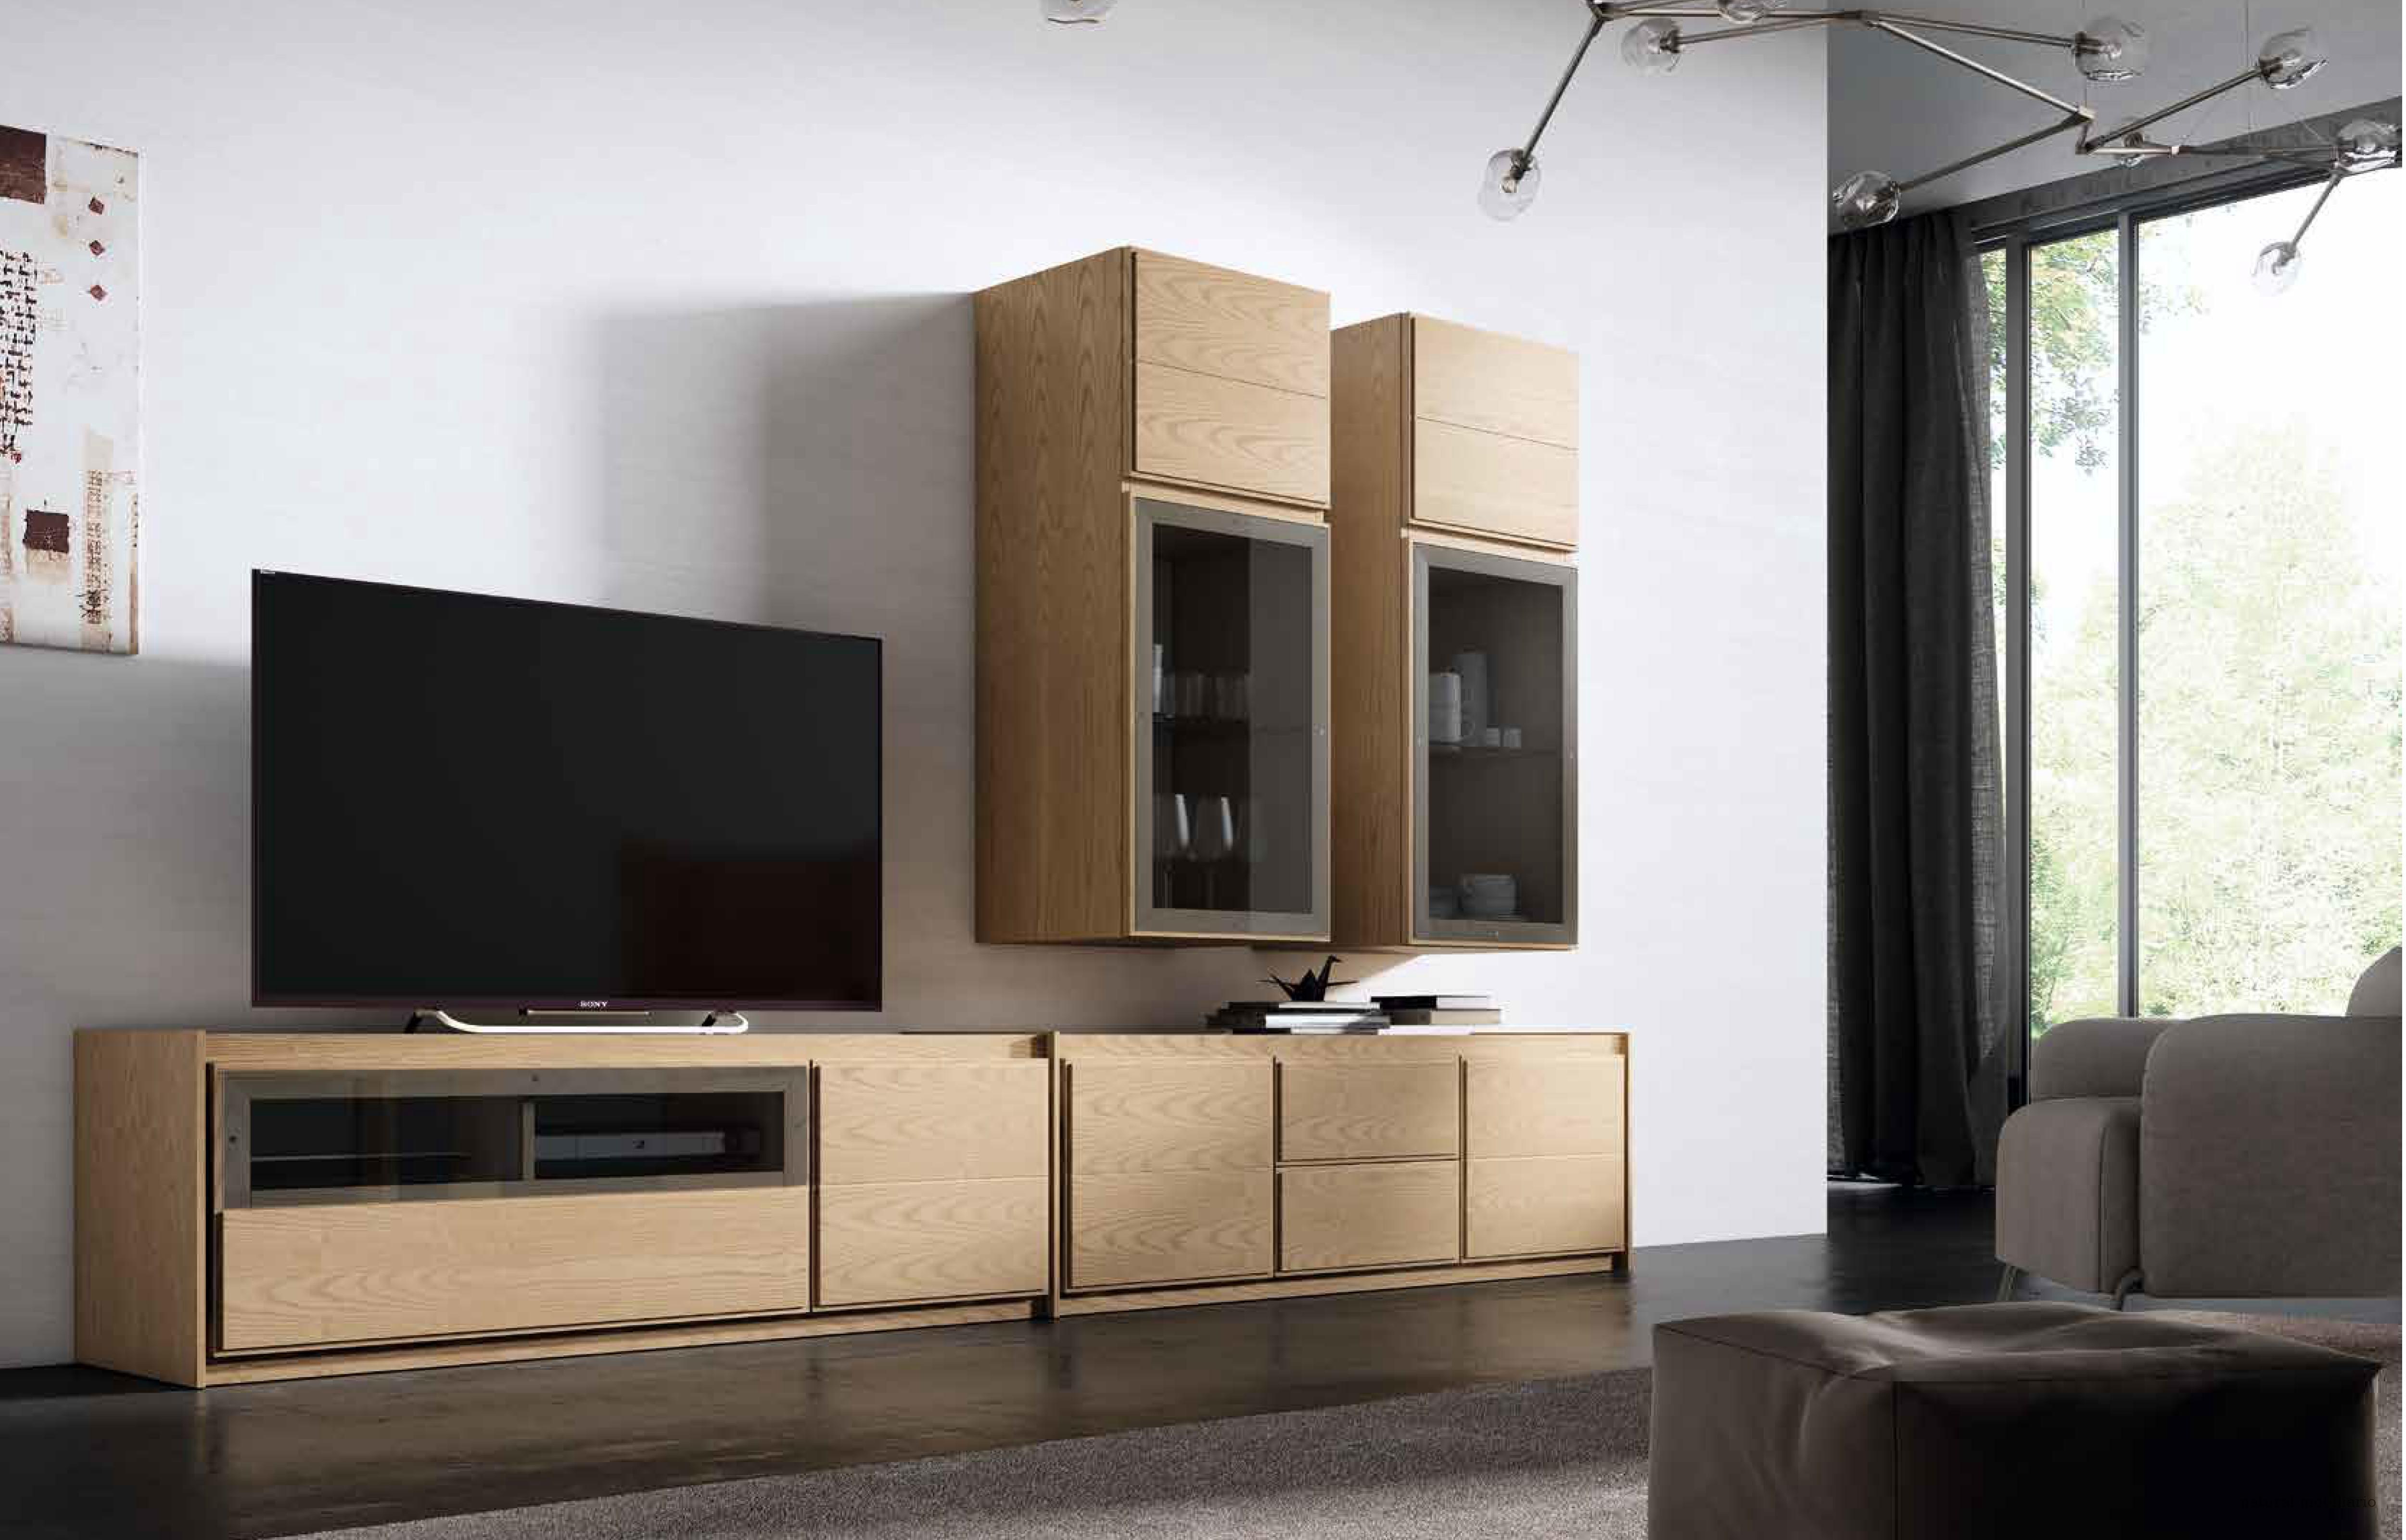 Muebles Contempor�neos salon eliz 2-415